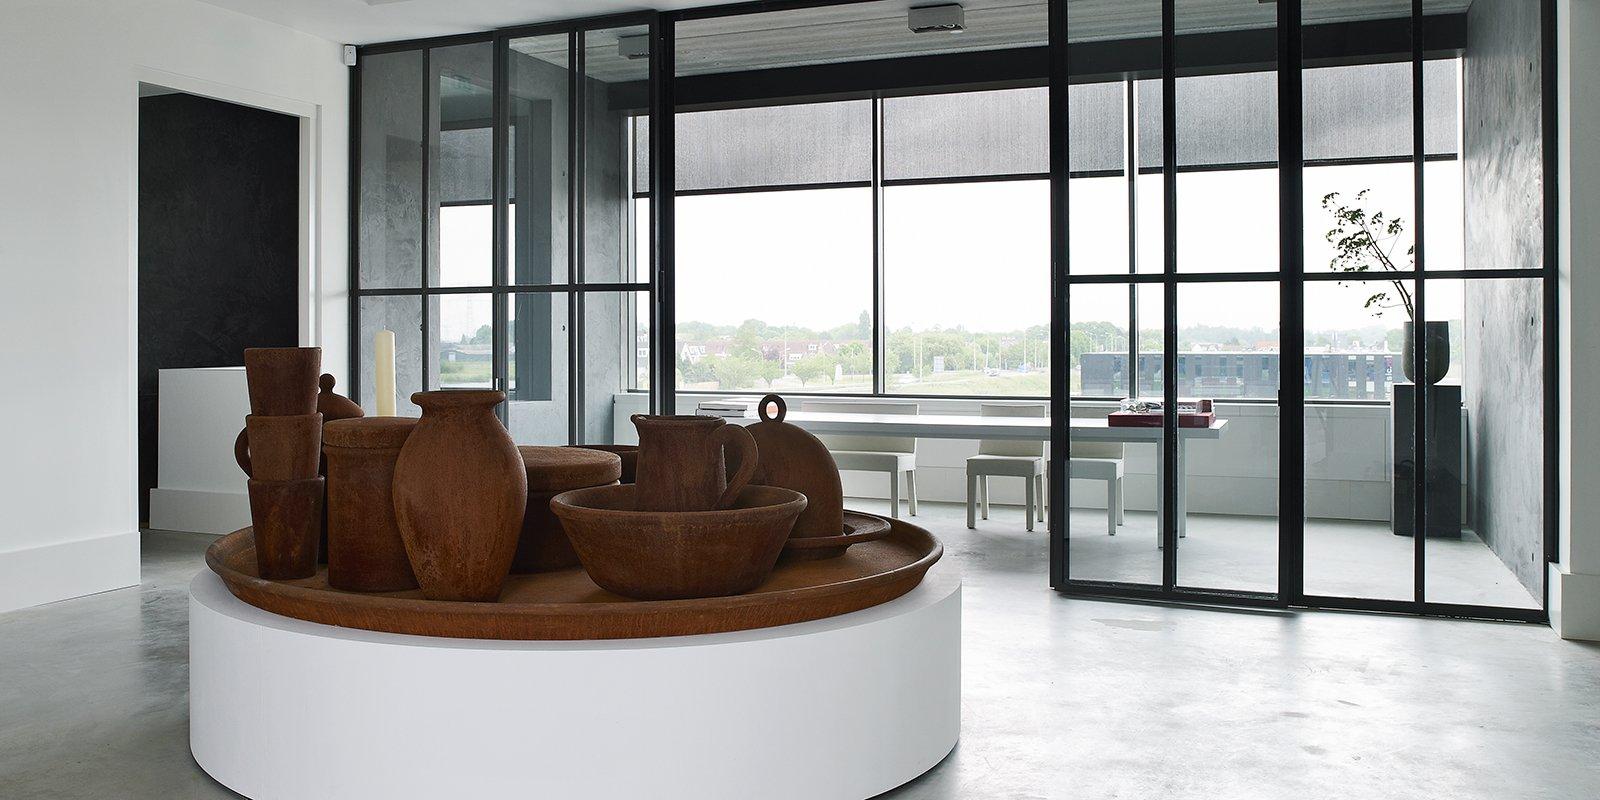 Interieur met een sobere, stoere vormgeving die eveneens tijdloos is, ontworpen door Piet Boon Studio